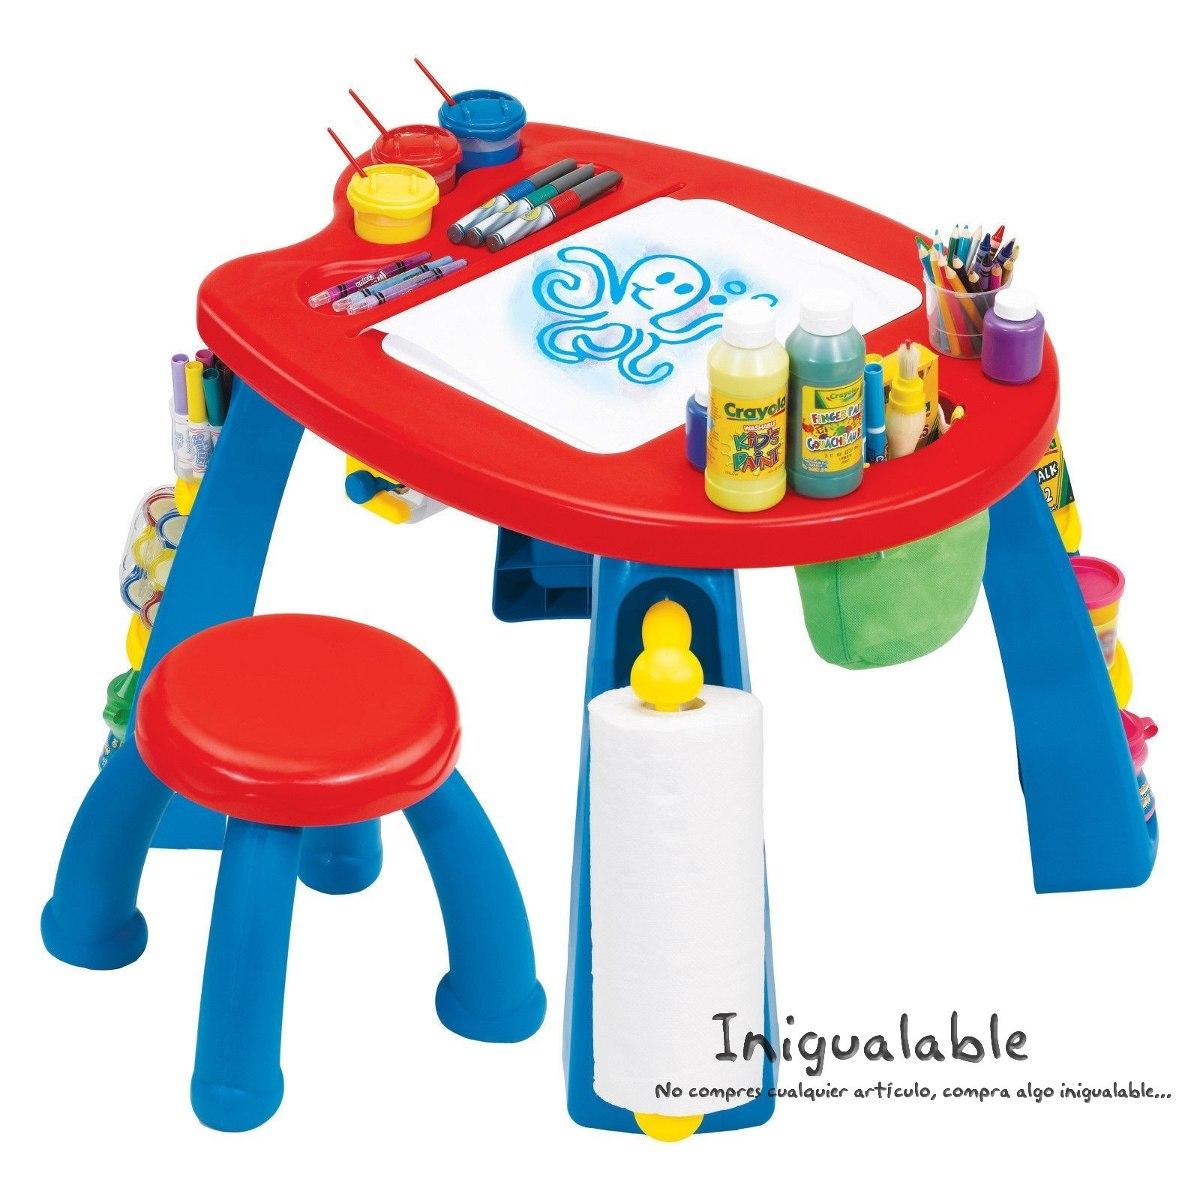 Escritorio con mesa y sillas para ni os crayola 2 300 - Mesas y sillas para ninos ...